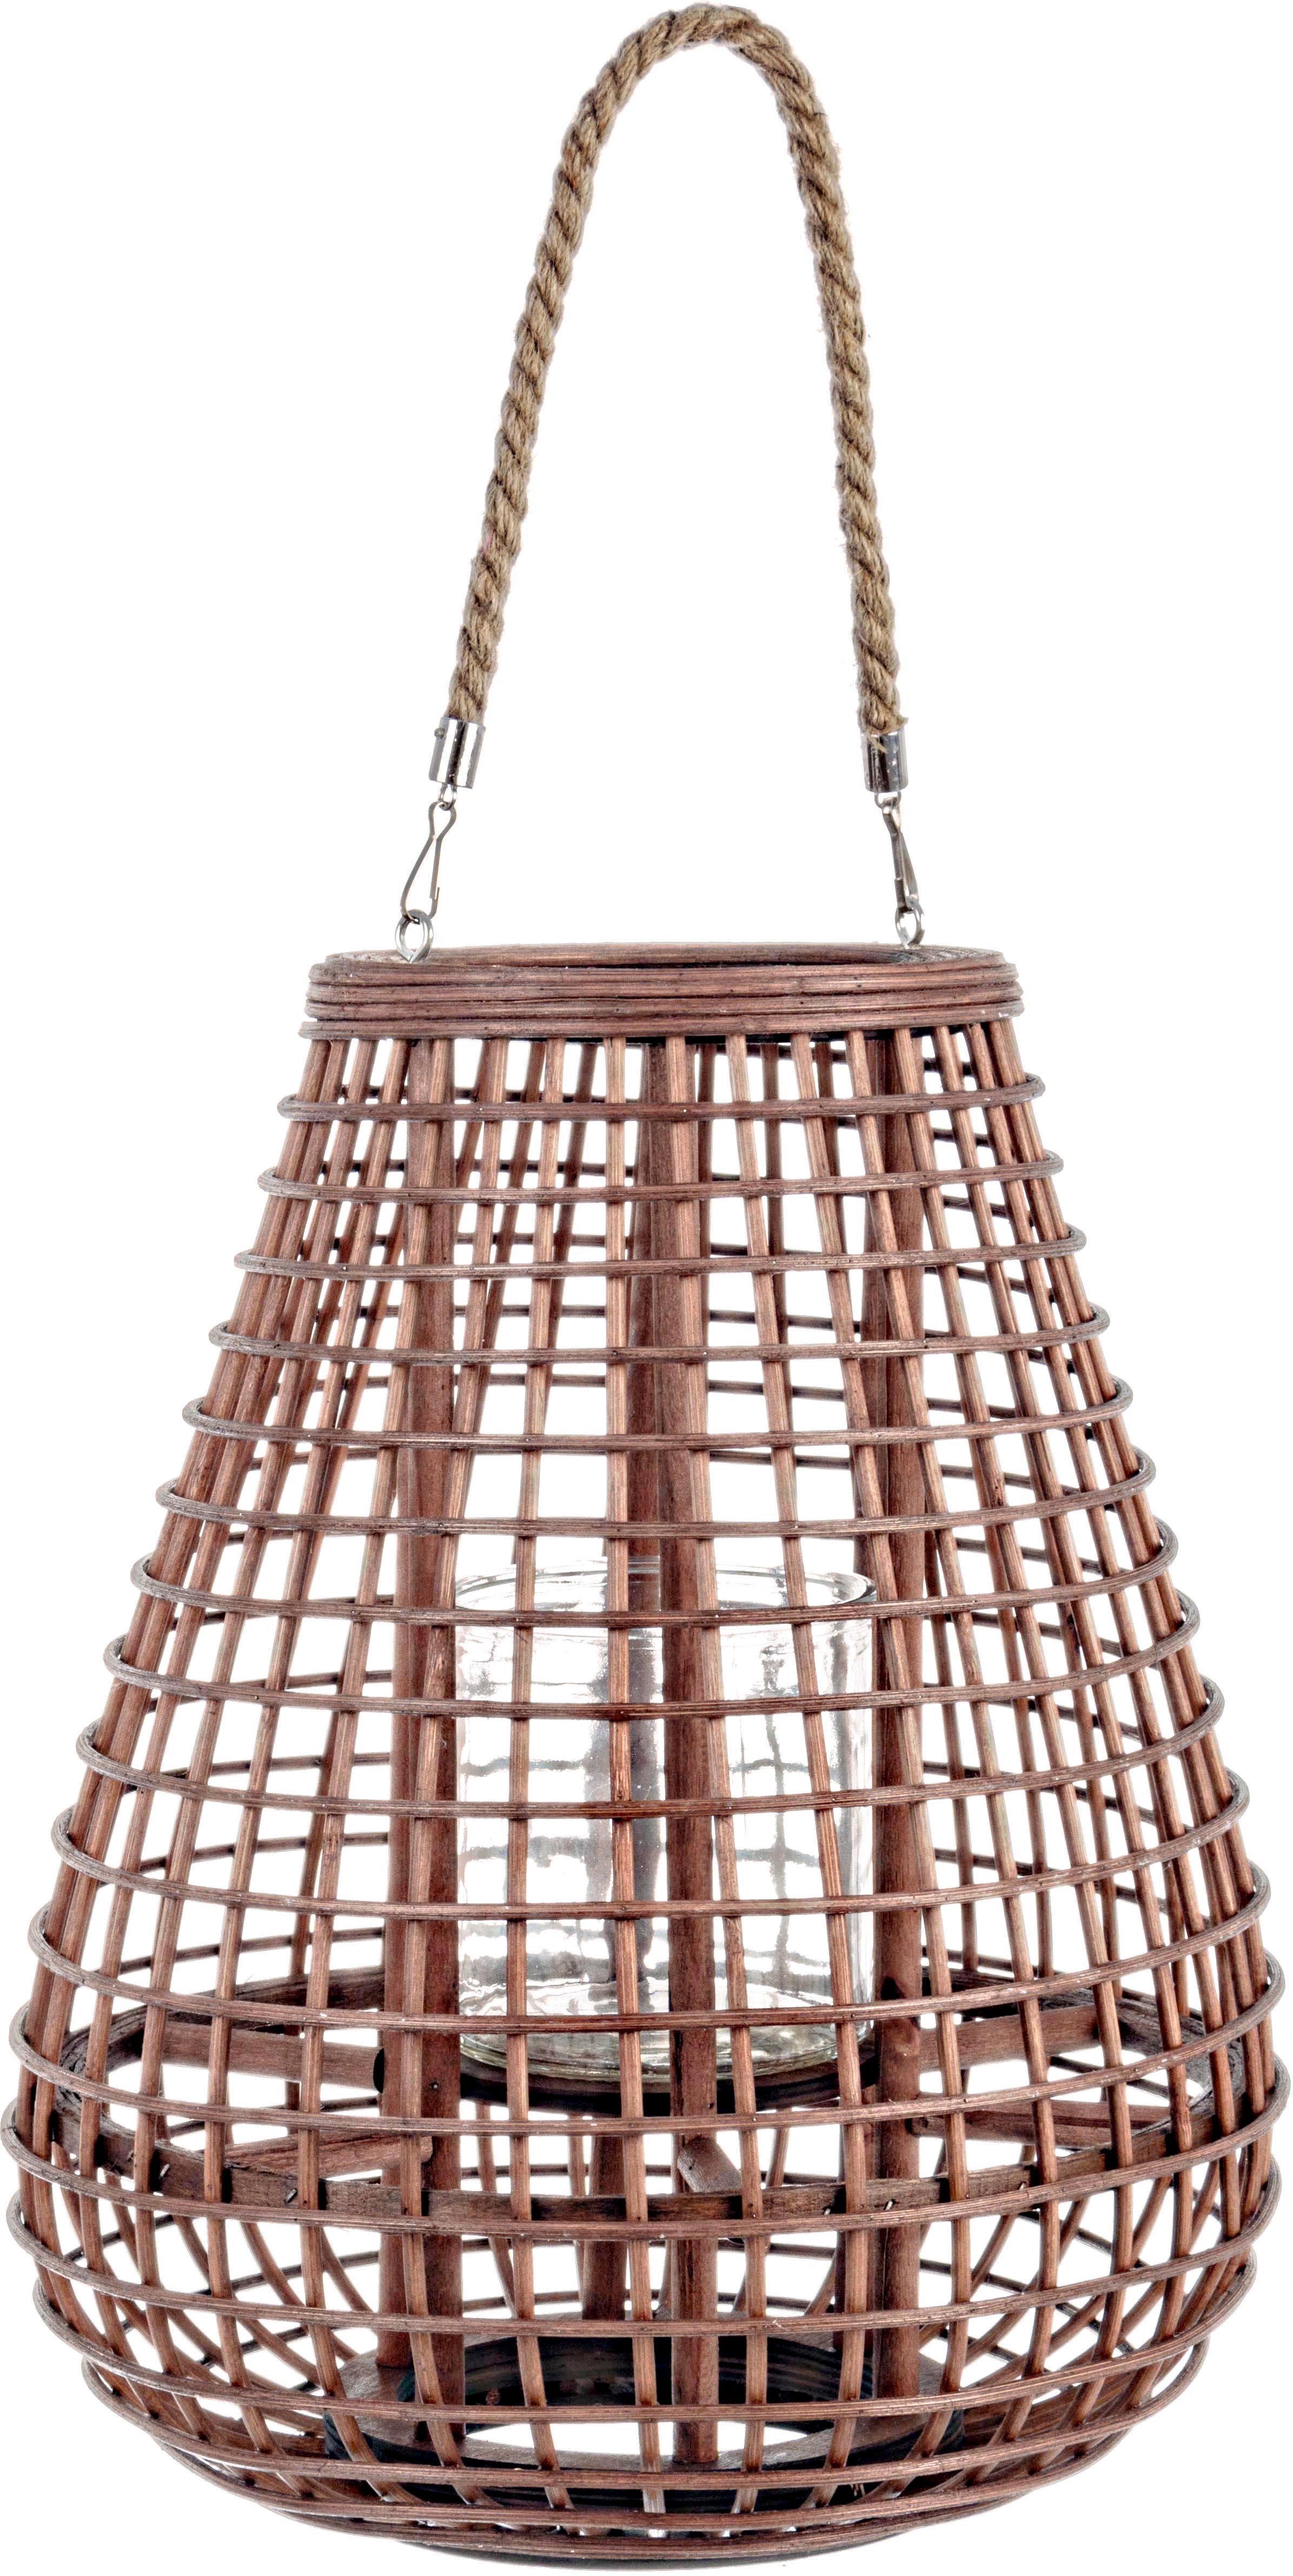 Portacandela Mombasa, Portacandela: rattan, Manico: iuta, Rattan, Ø 33 x Alt. 40 cm